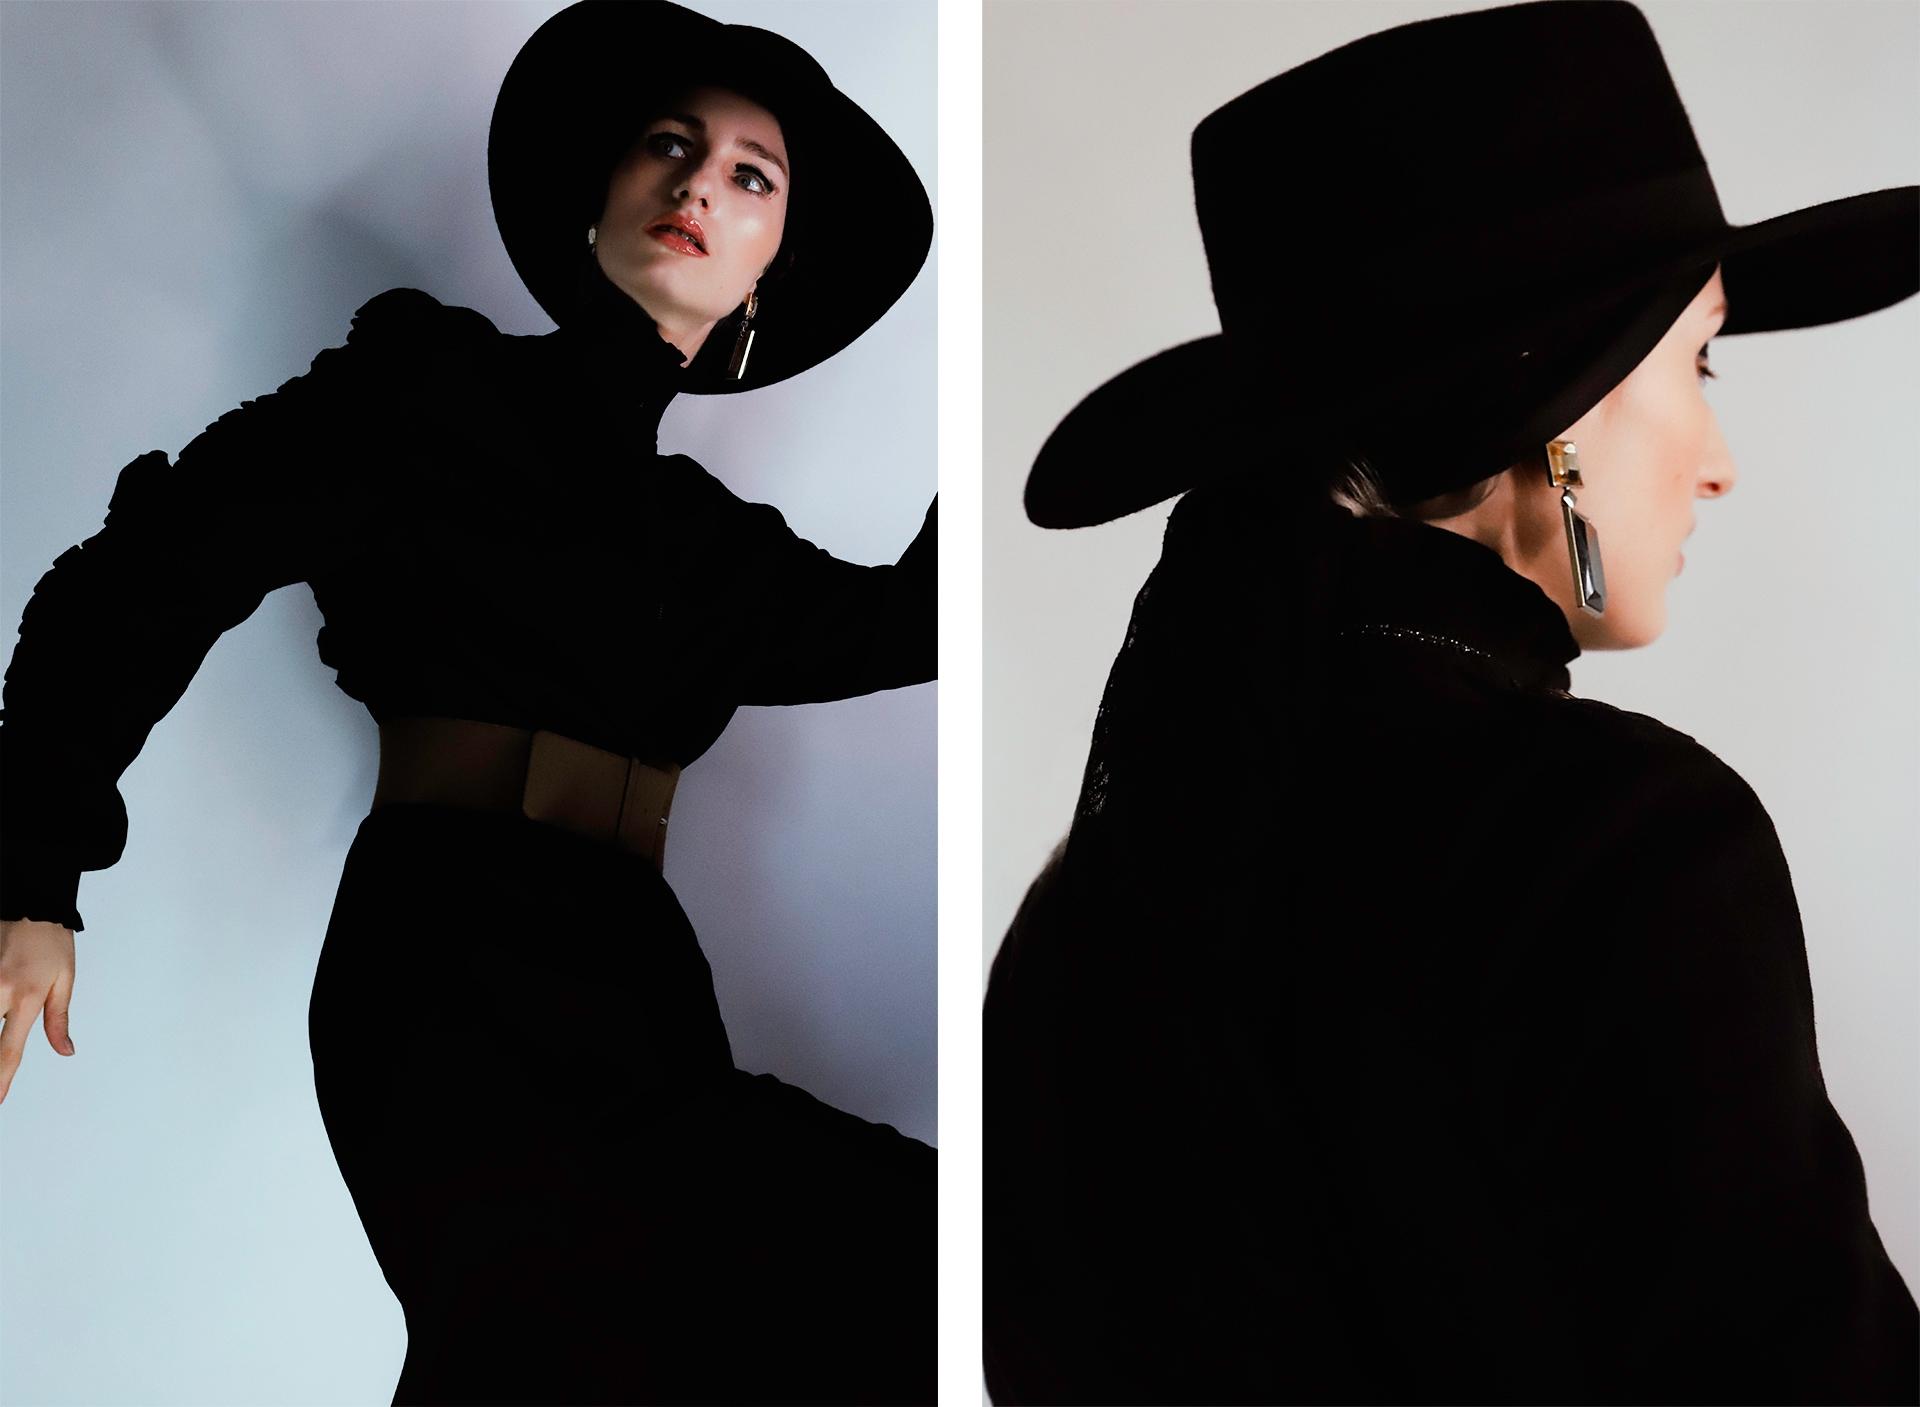 Obraz przedstawia dwa zdjęcia kobiety ubranej na czarno, w czarnym kapeluszu. Po prawej stronie kobieta stoi tyłem, po lewej przybrała nienaturalną pozę.